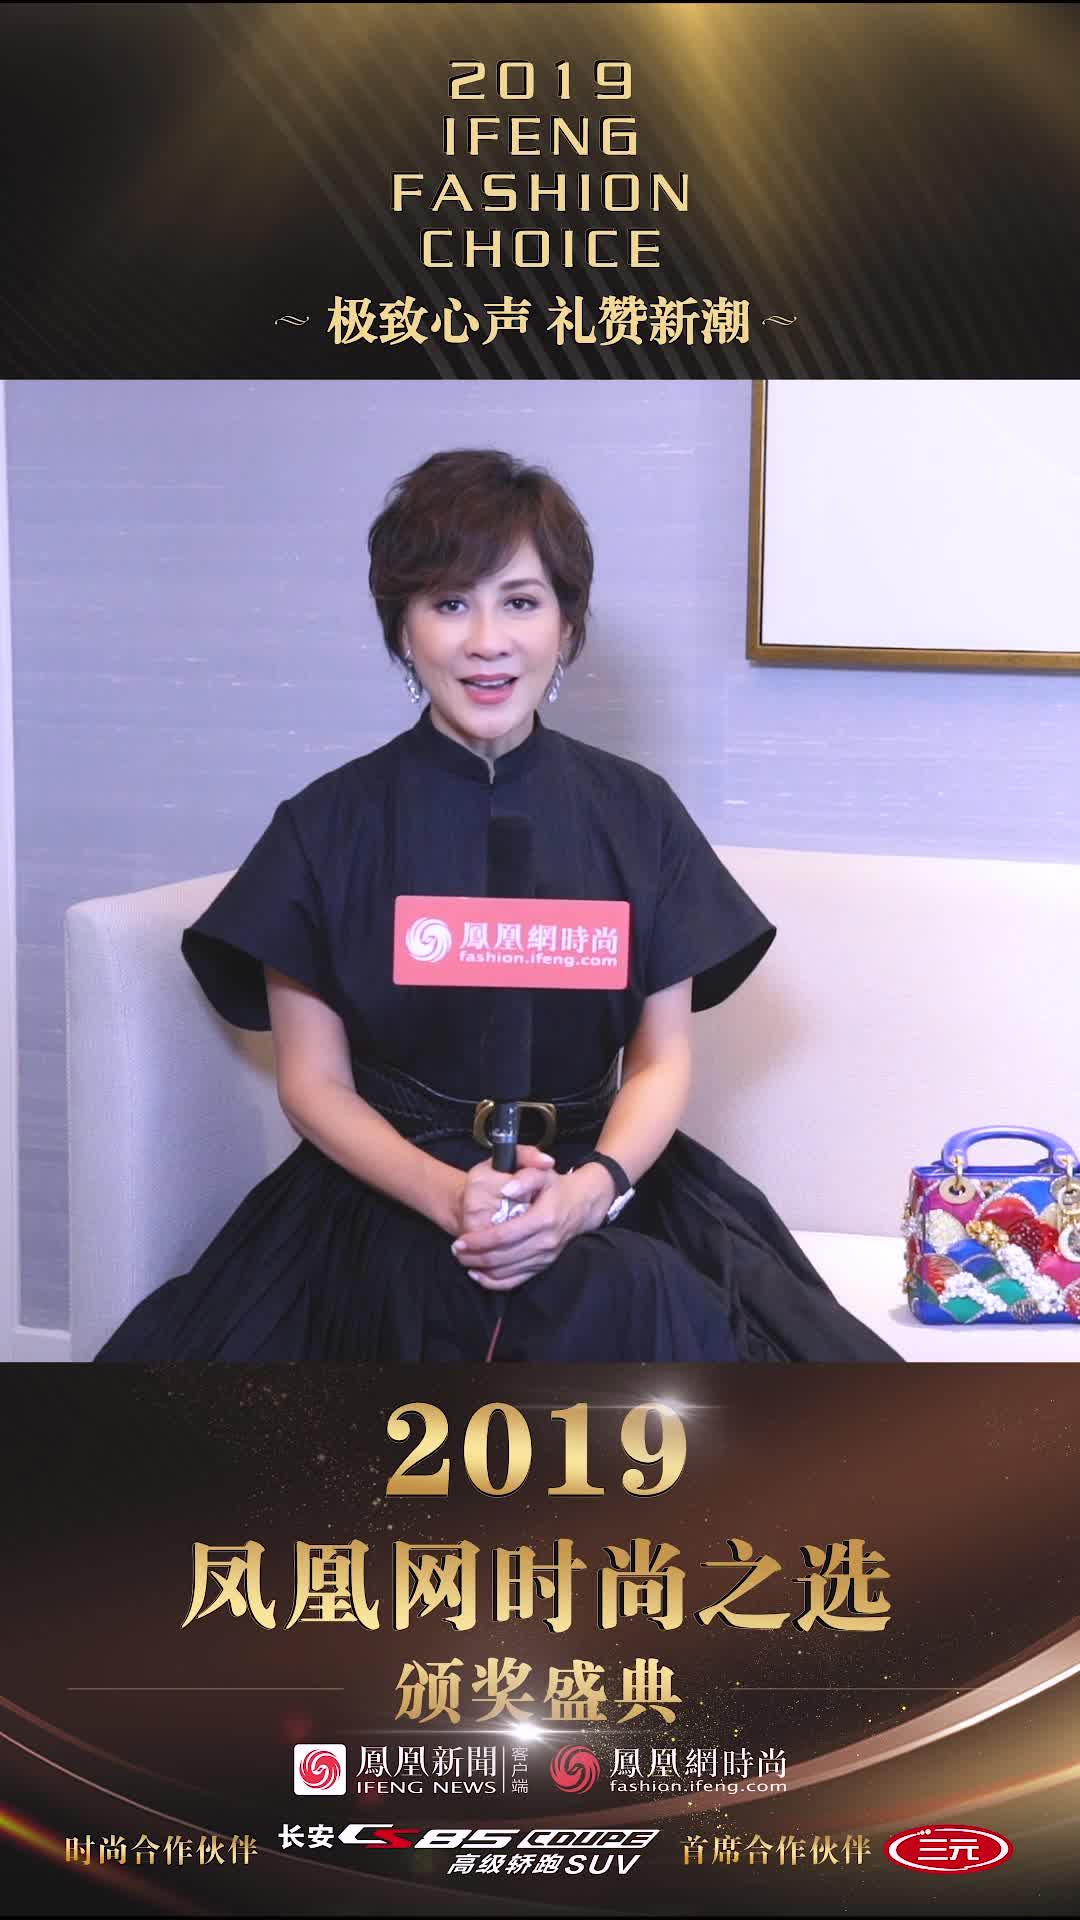 2019凤凰网时尚之选颁奖盛典,一起感受时尚与潮流的力量